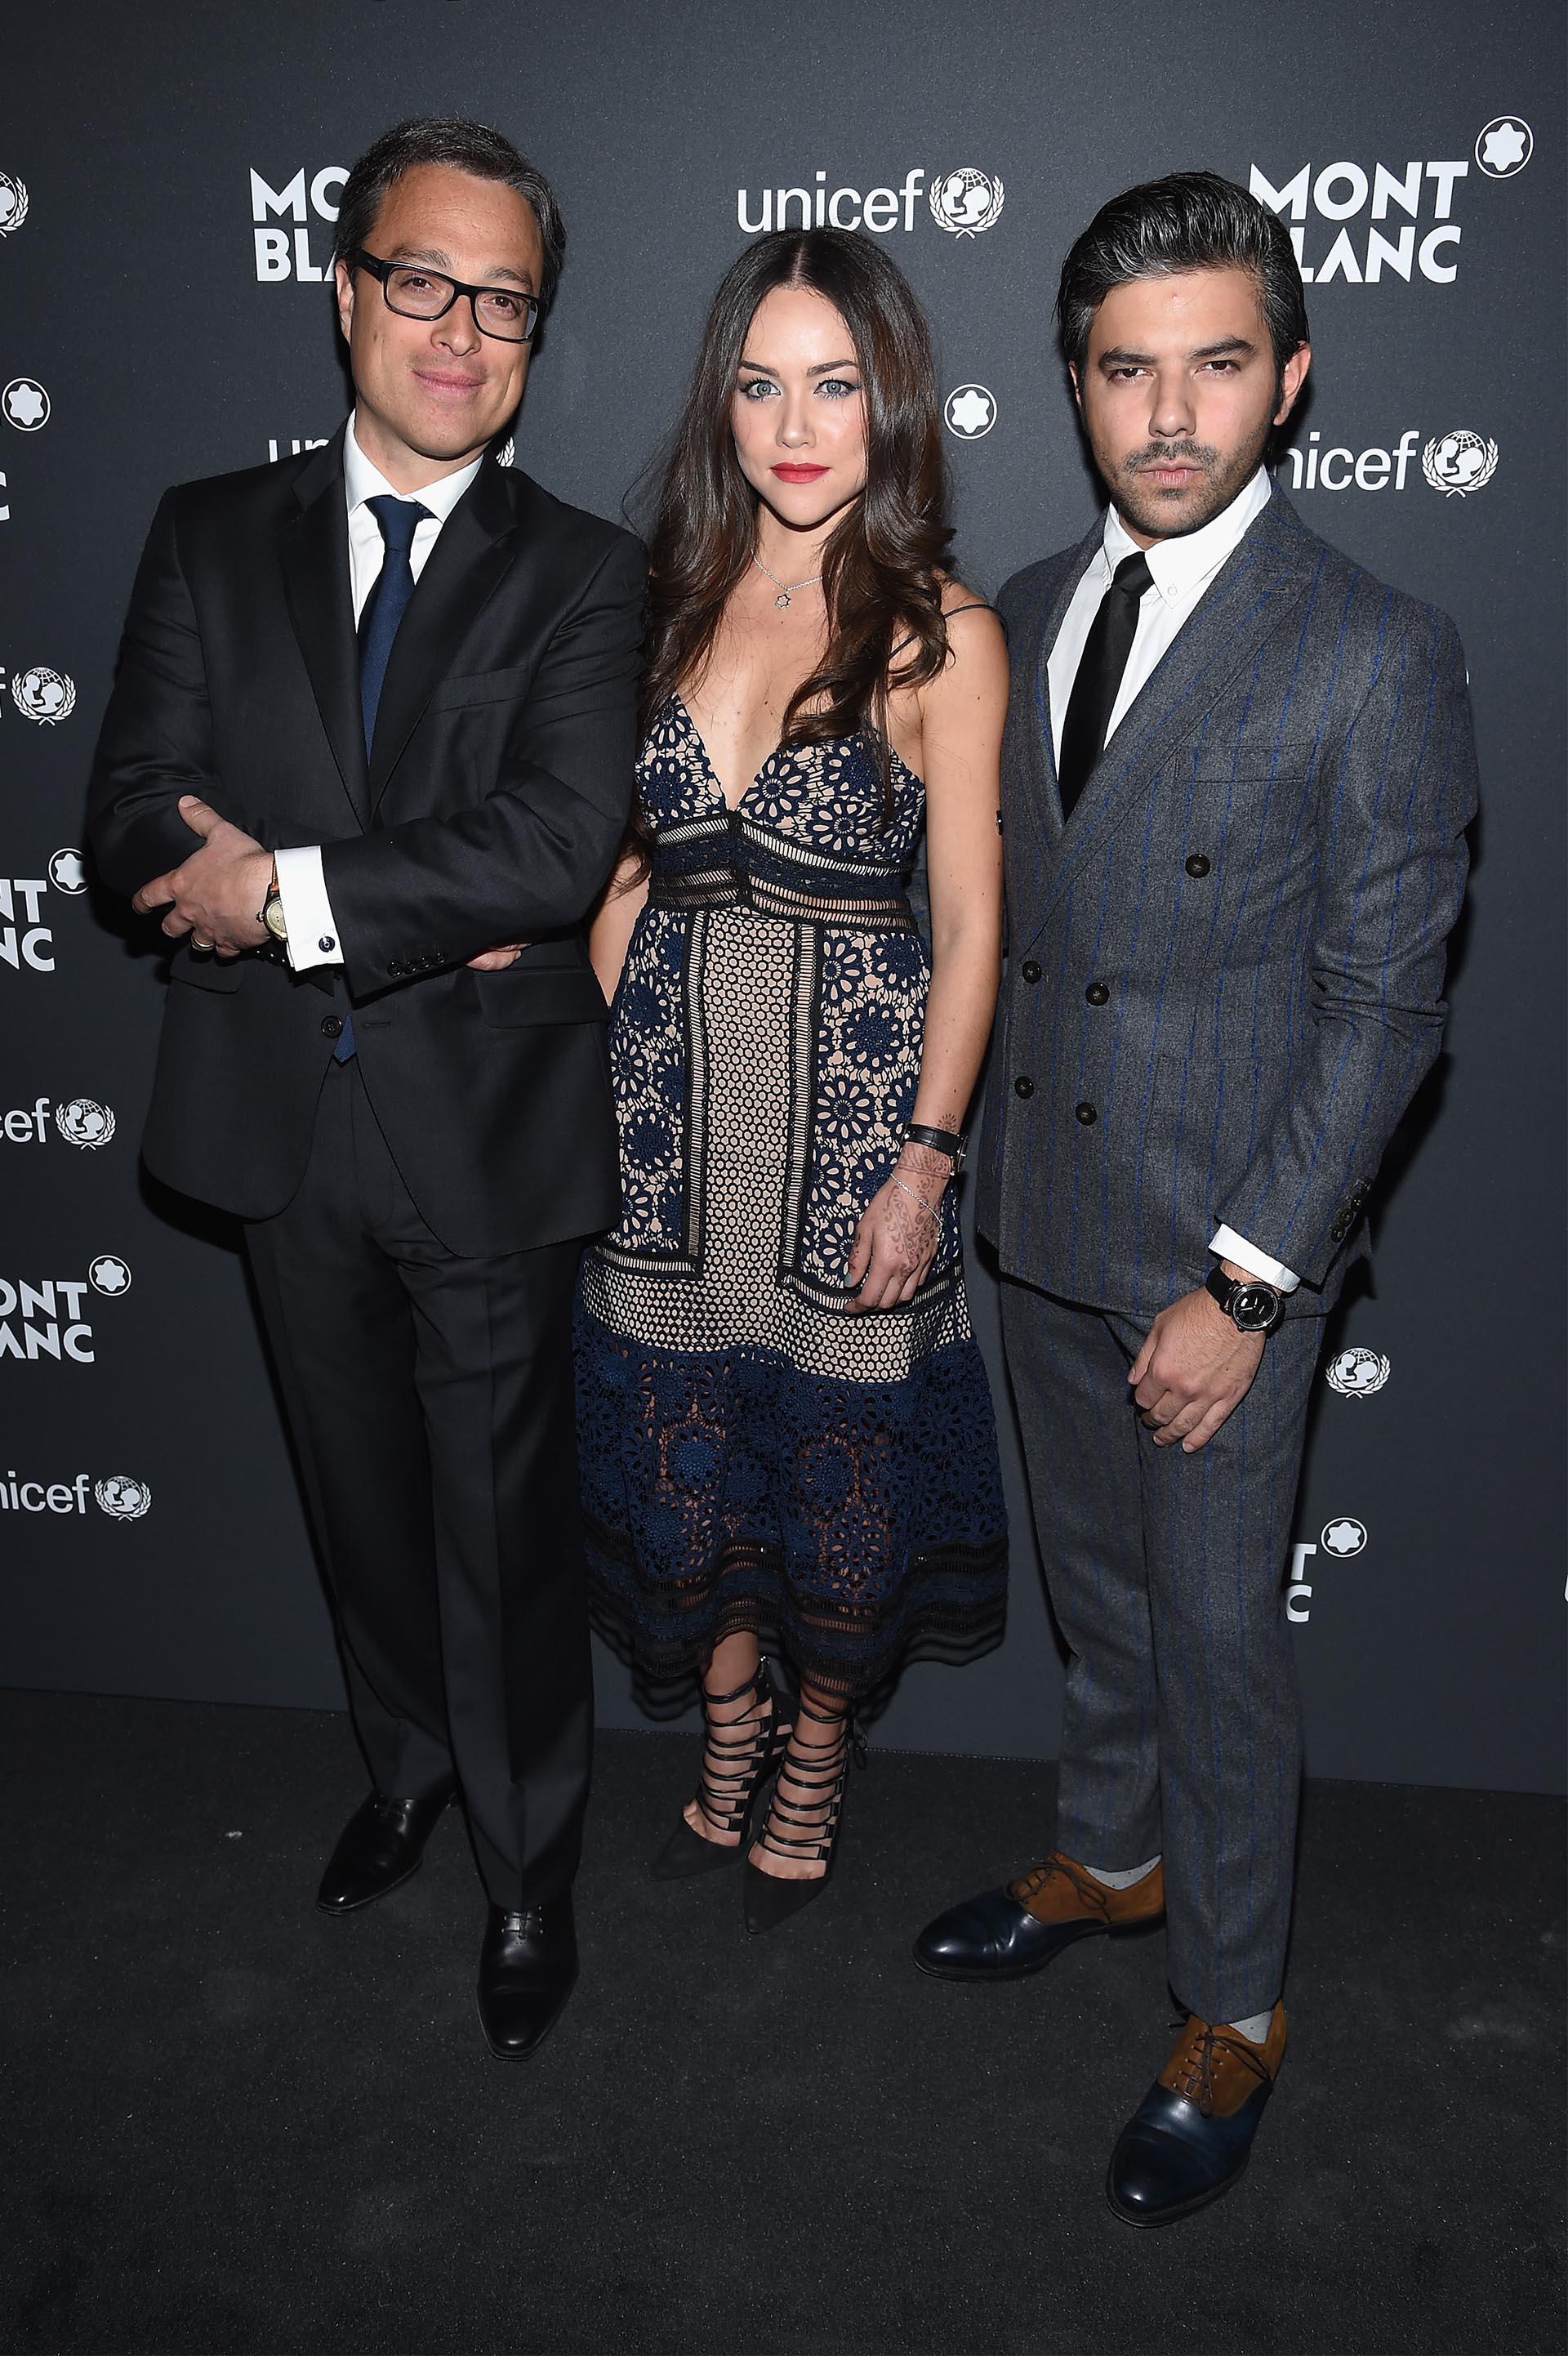 Nicolas Baretzi, Gaby Gomez y Juan Pablo Jim